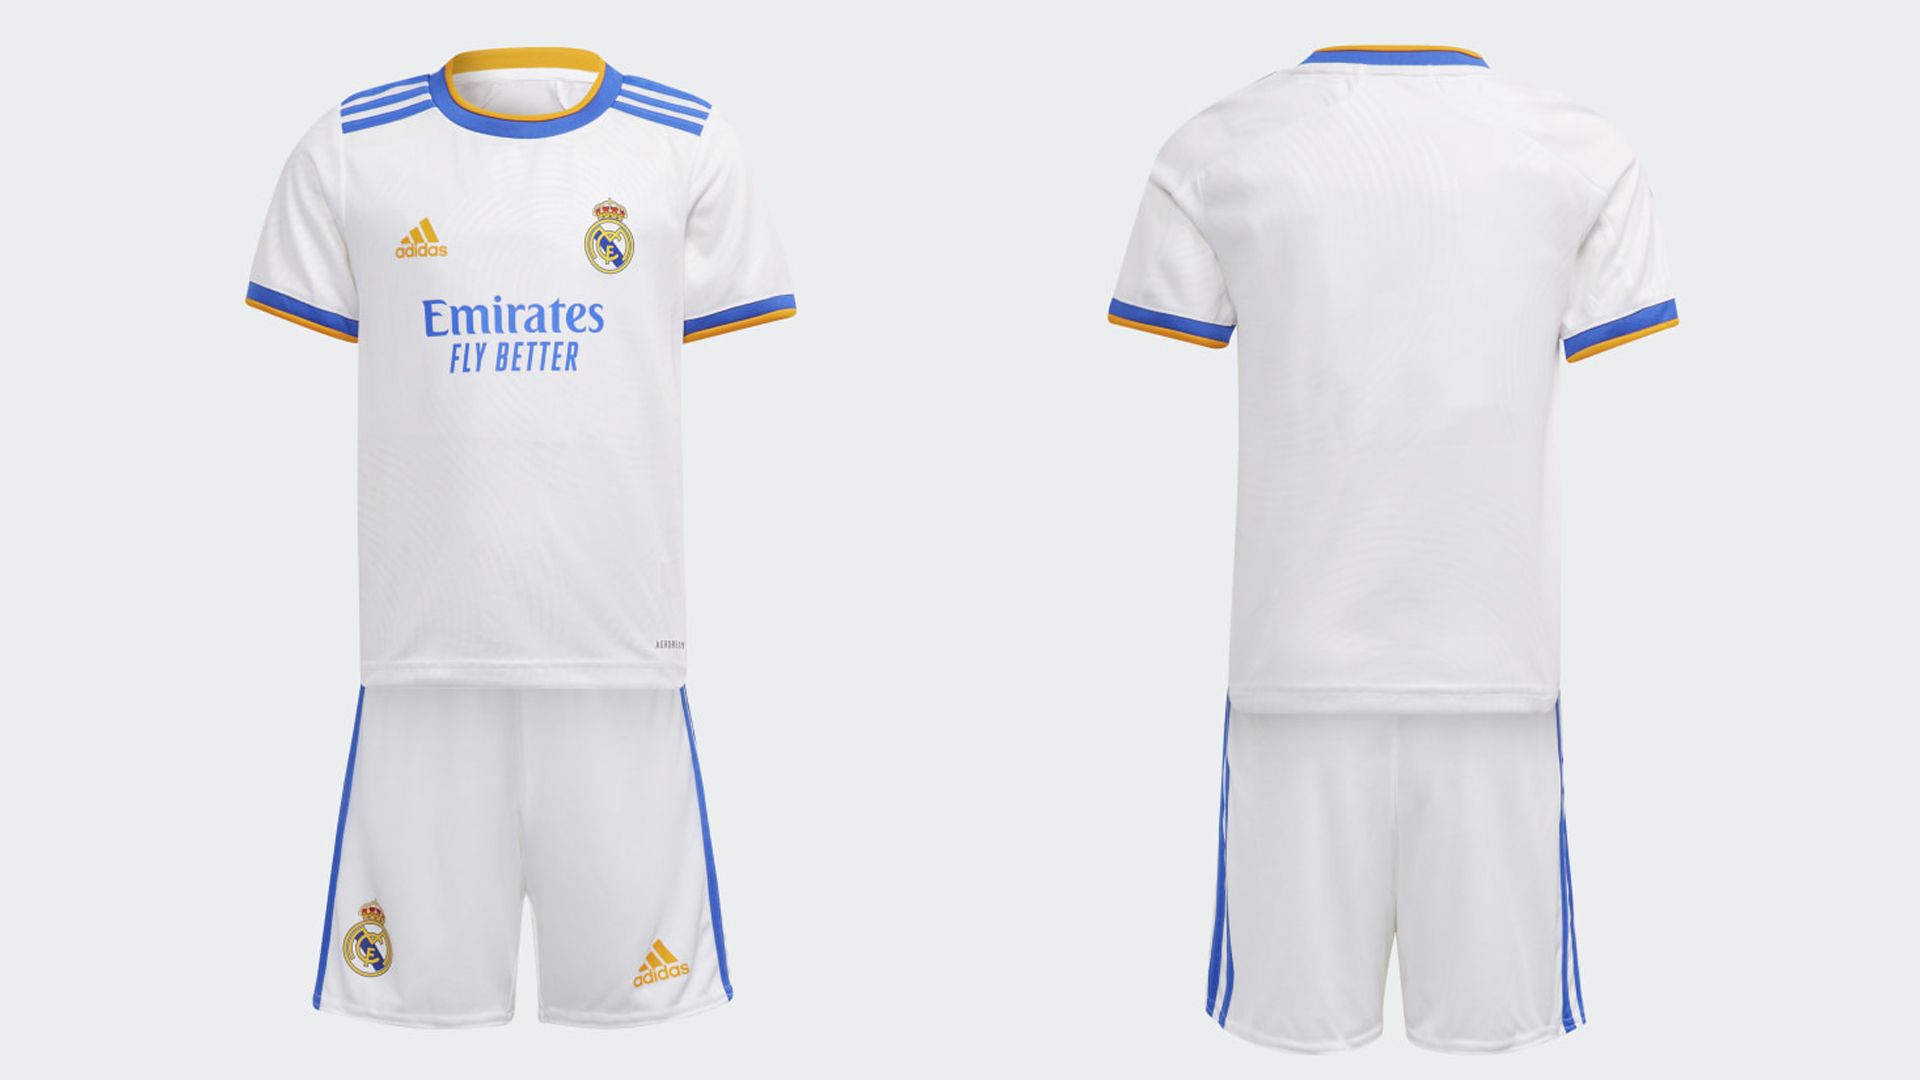 Camisa do Real Madrid Infantil (Imagem: Divulgação/Adidas)